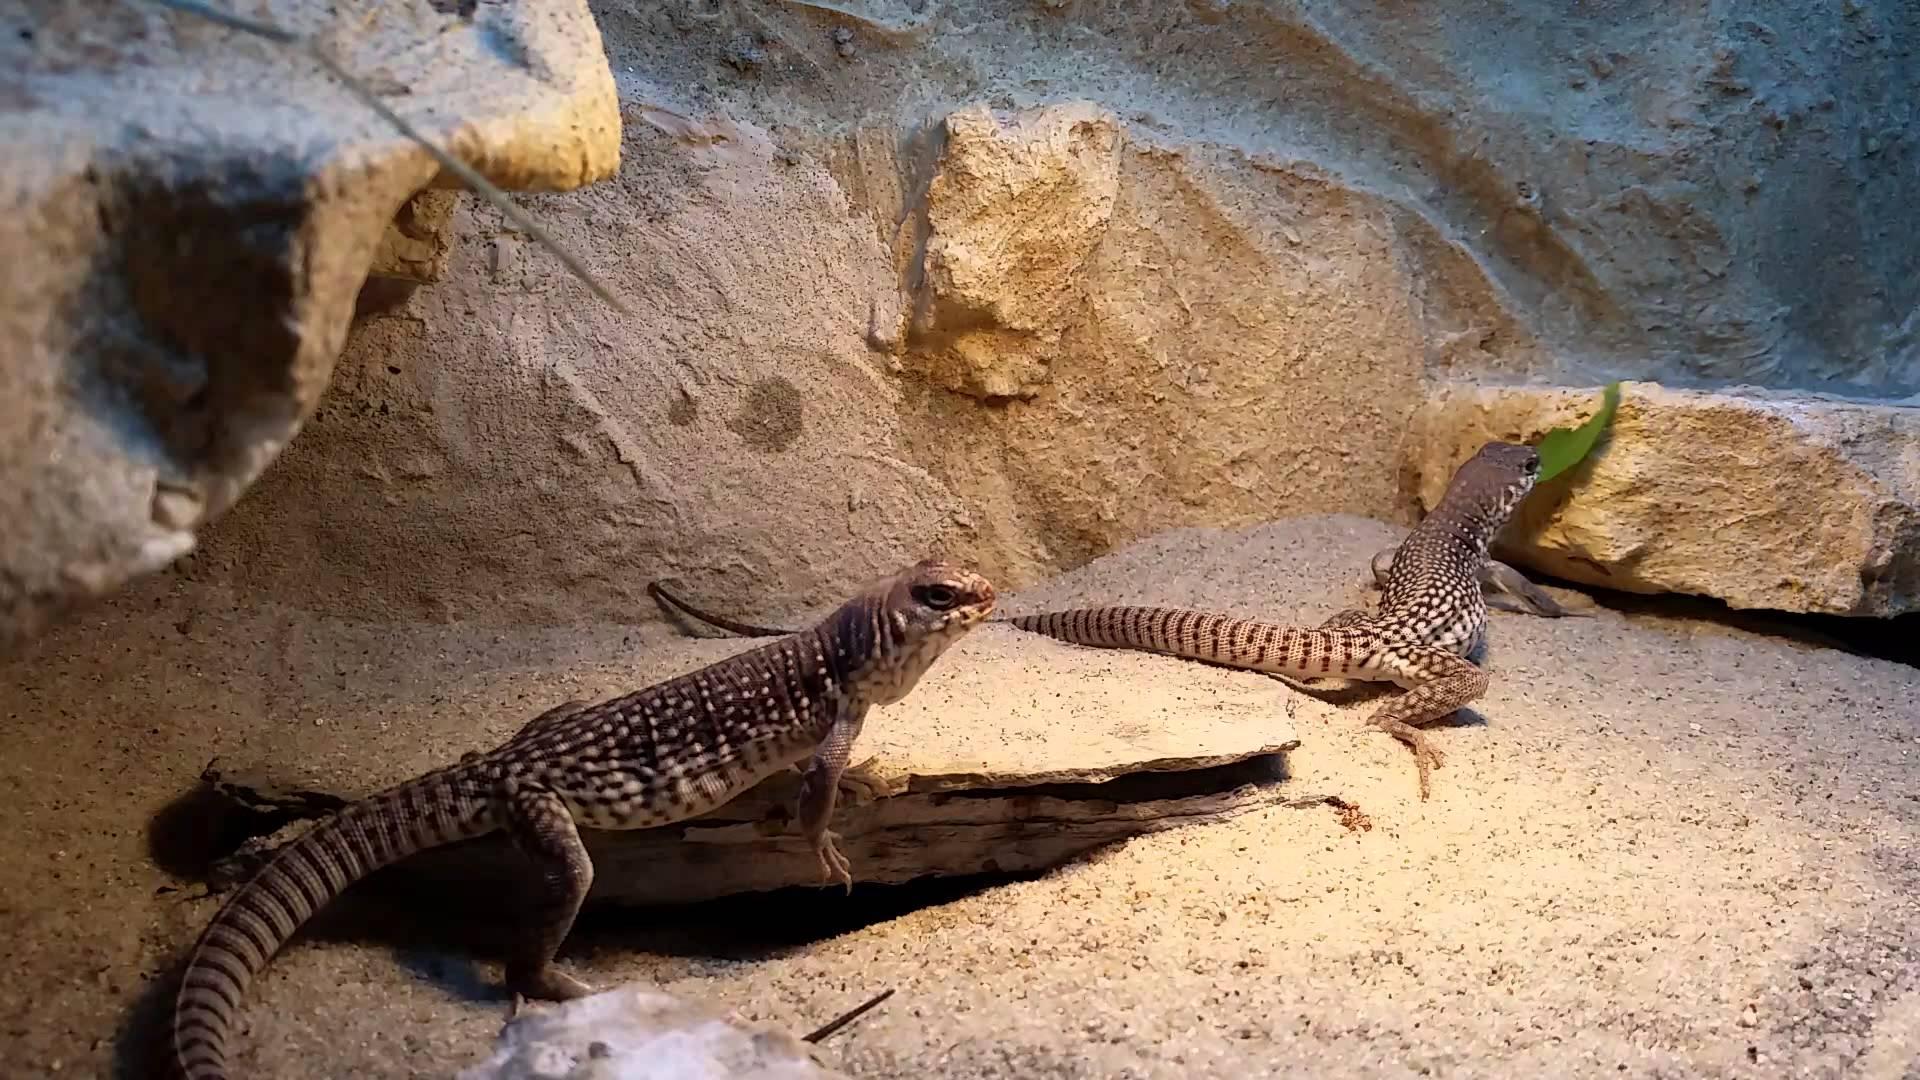 Desert iguana photo